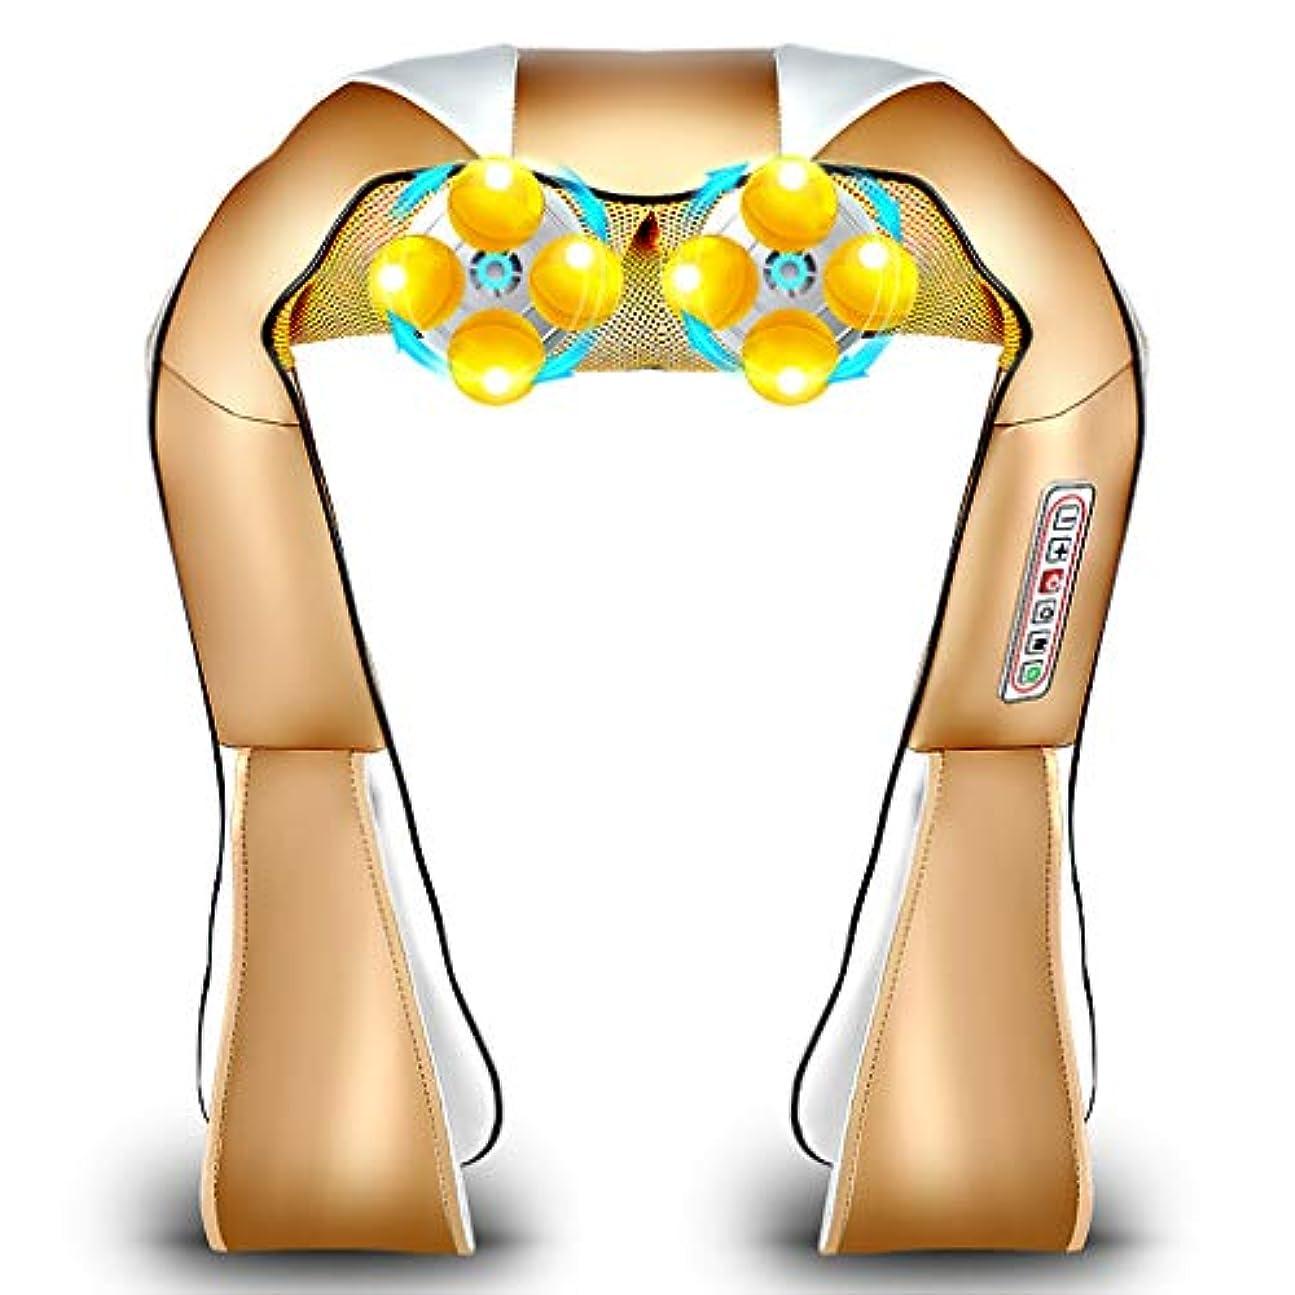 結核モデレータ恩赦携帯用首のマッサージャー、肩および背部指圧のマッサージャーの深い熱混練のマッサージを用いる、二重使用車/家族。,Gold